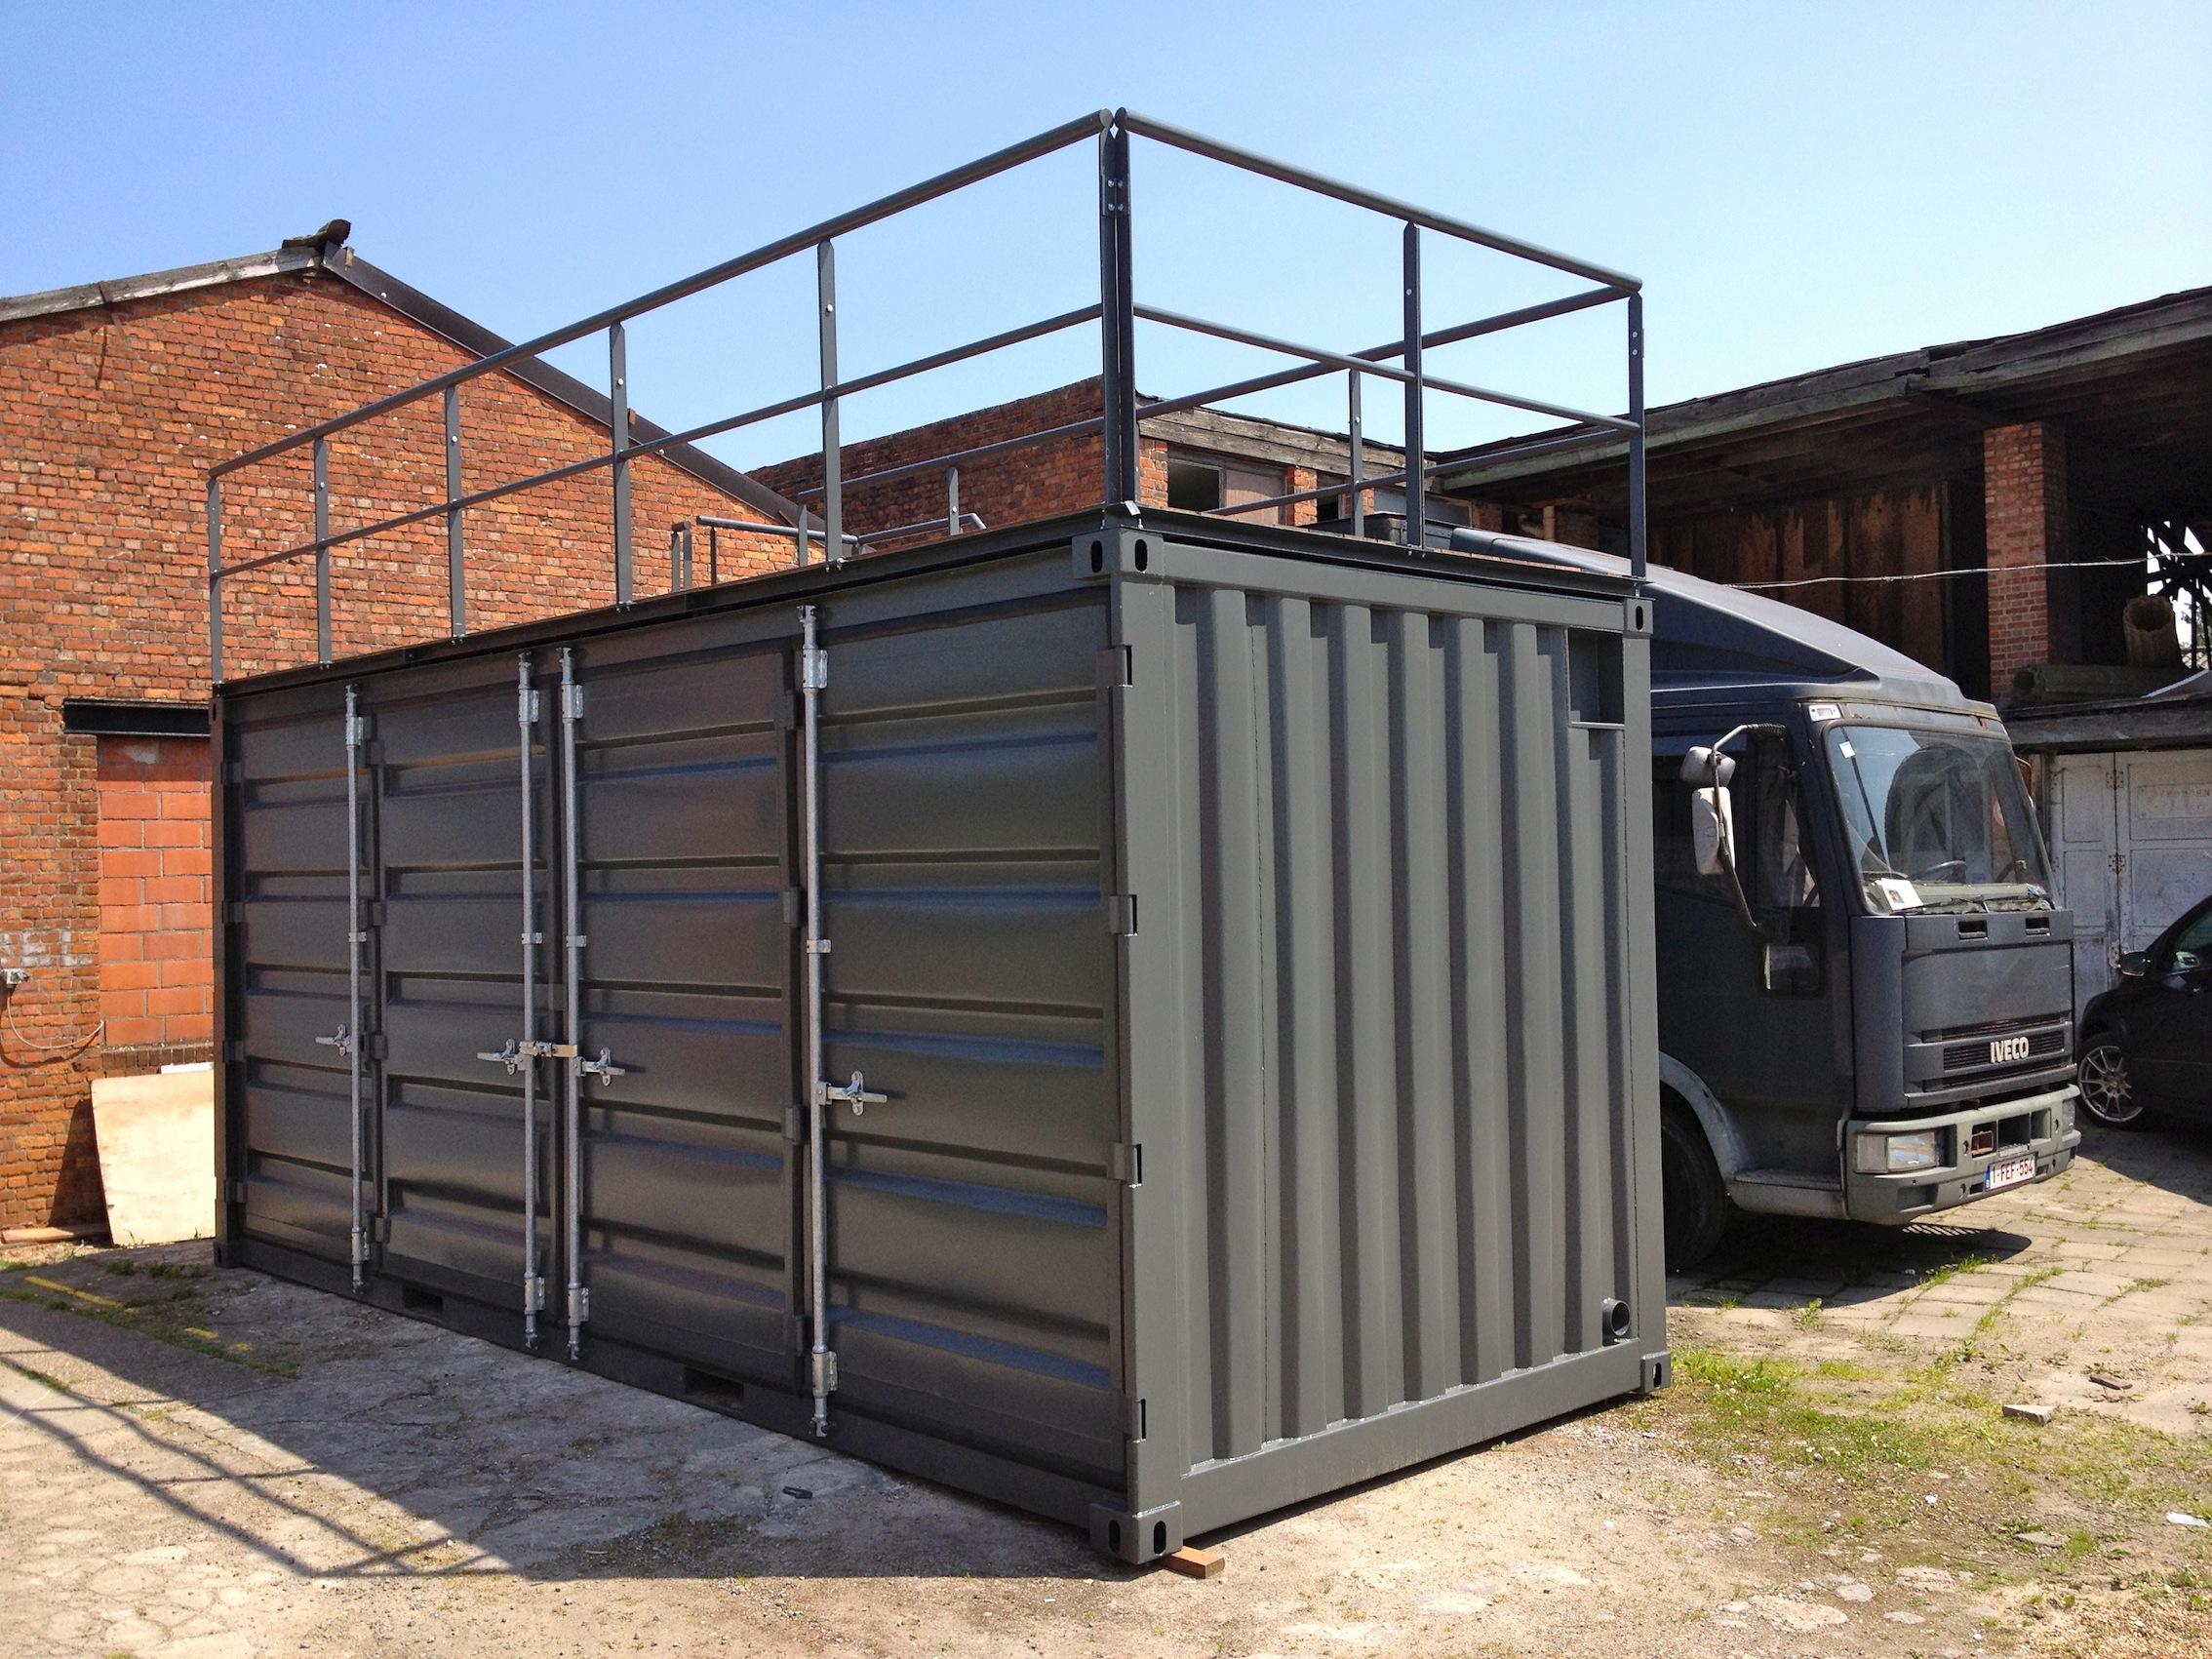 Conteneur avec terrasse r f rences mechanic international for Agrandissement maison avec container